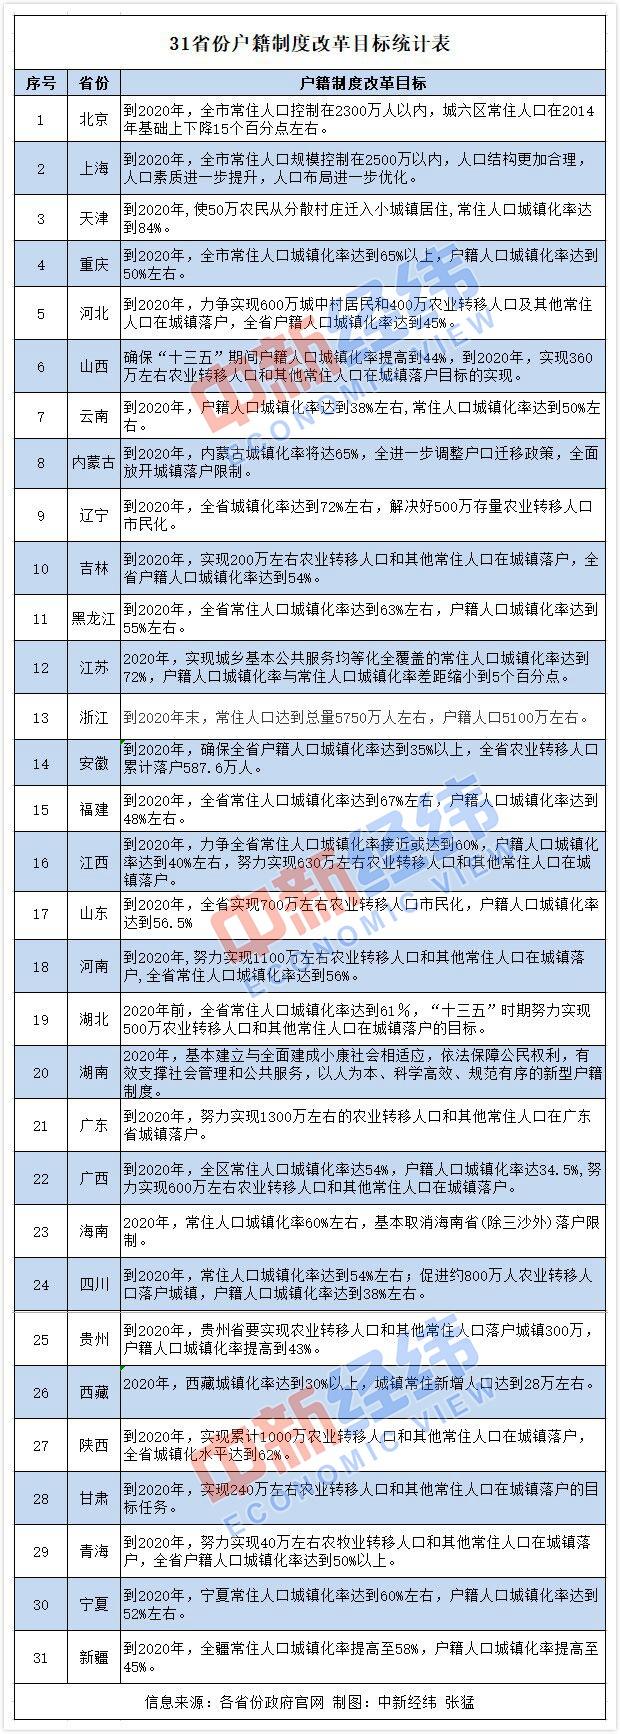 """31省份户籍制度改革进入关键期,2020年将集体""""交卷""""-中国网地产"""